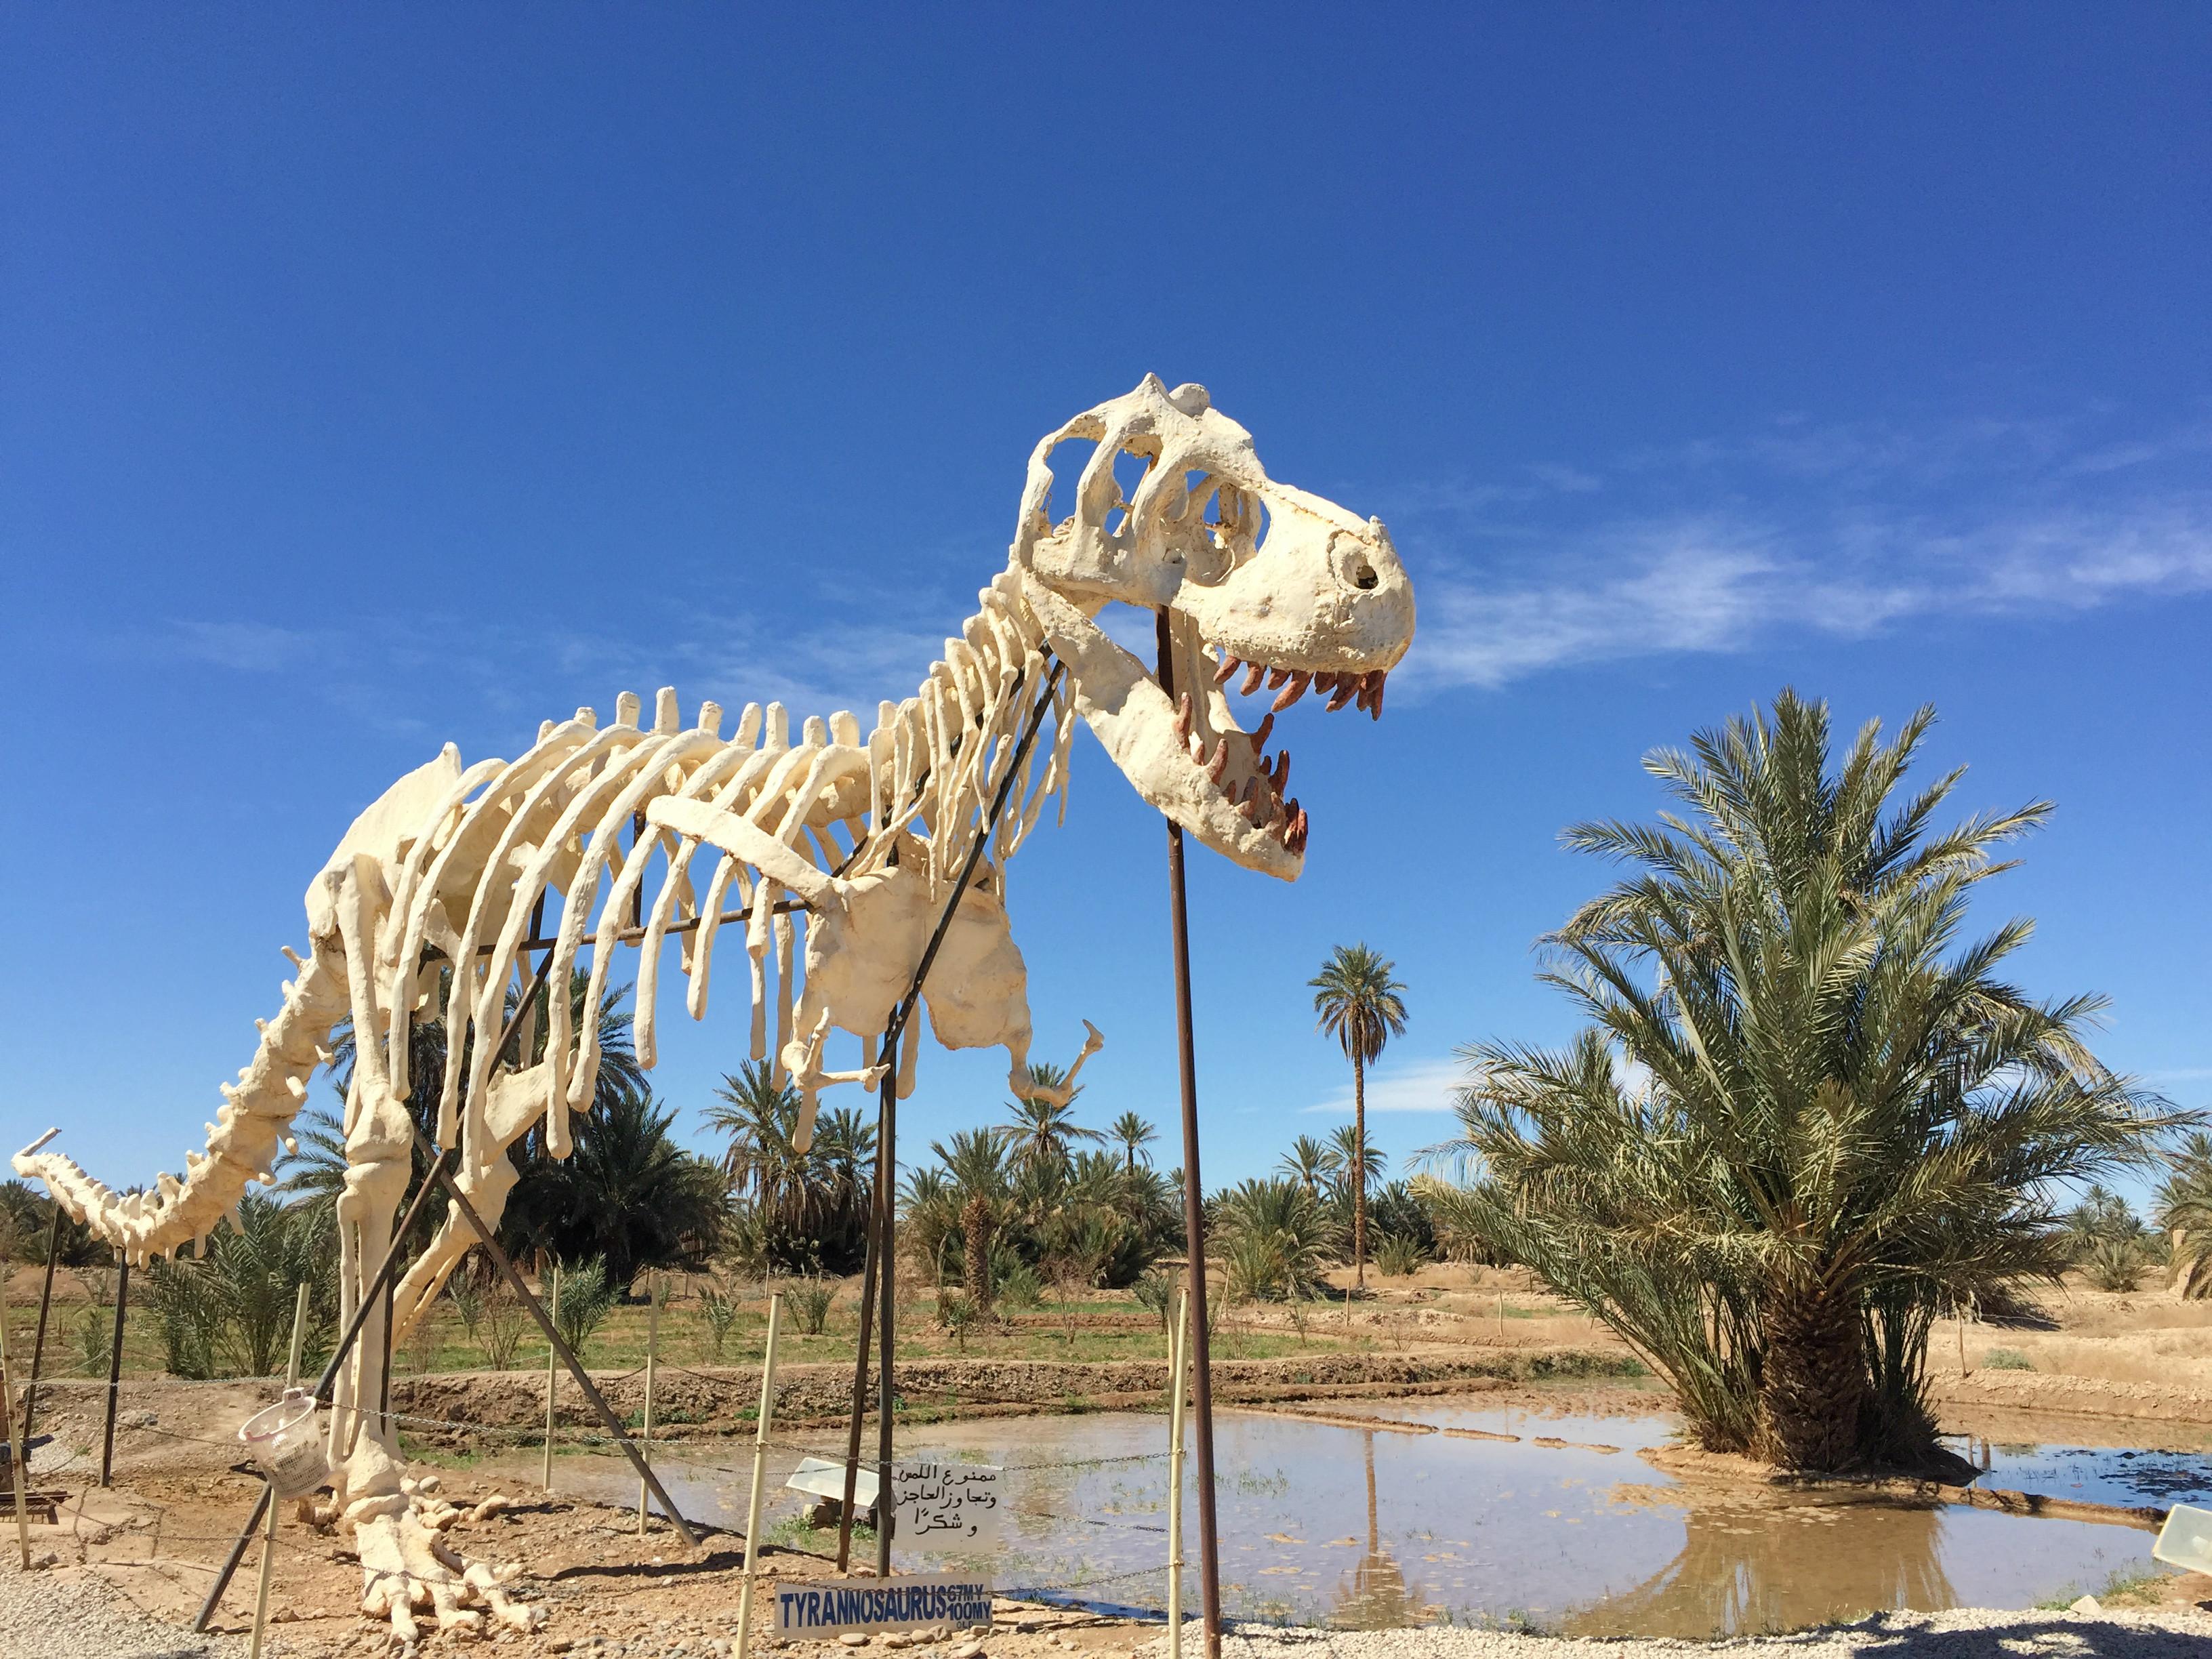 musée tahiri des fossiles et dinosaures Maroc